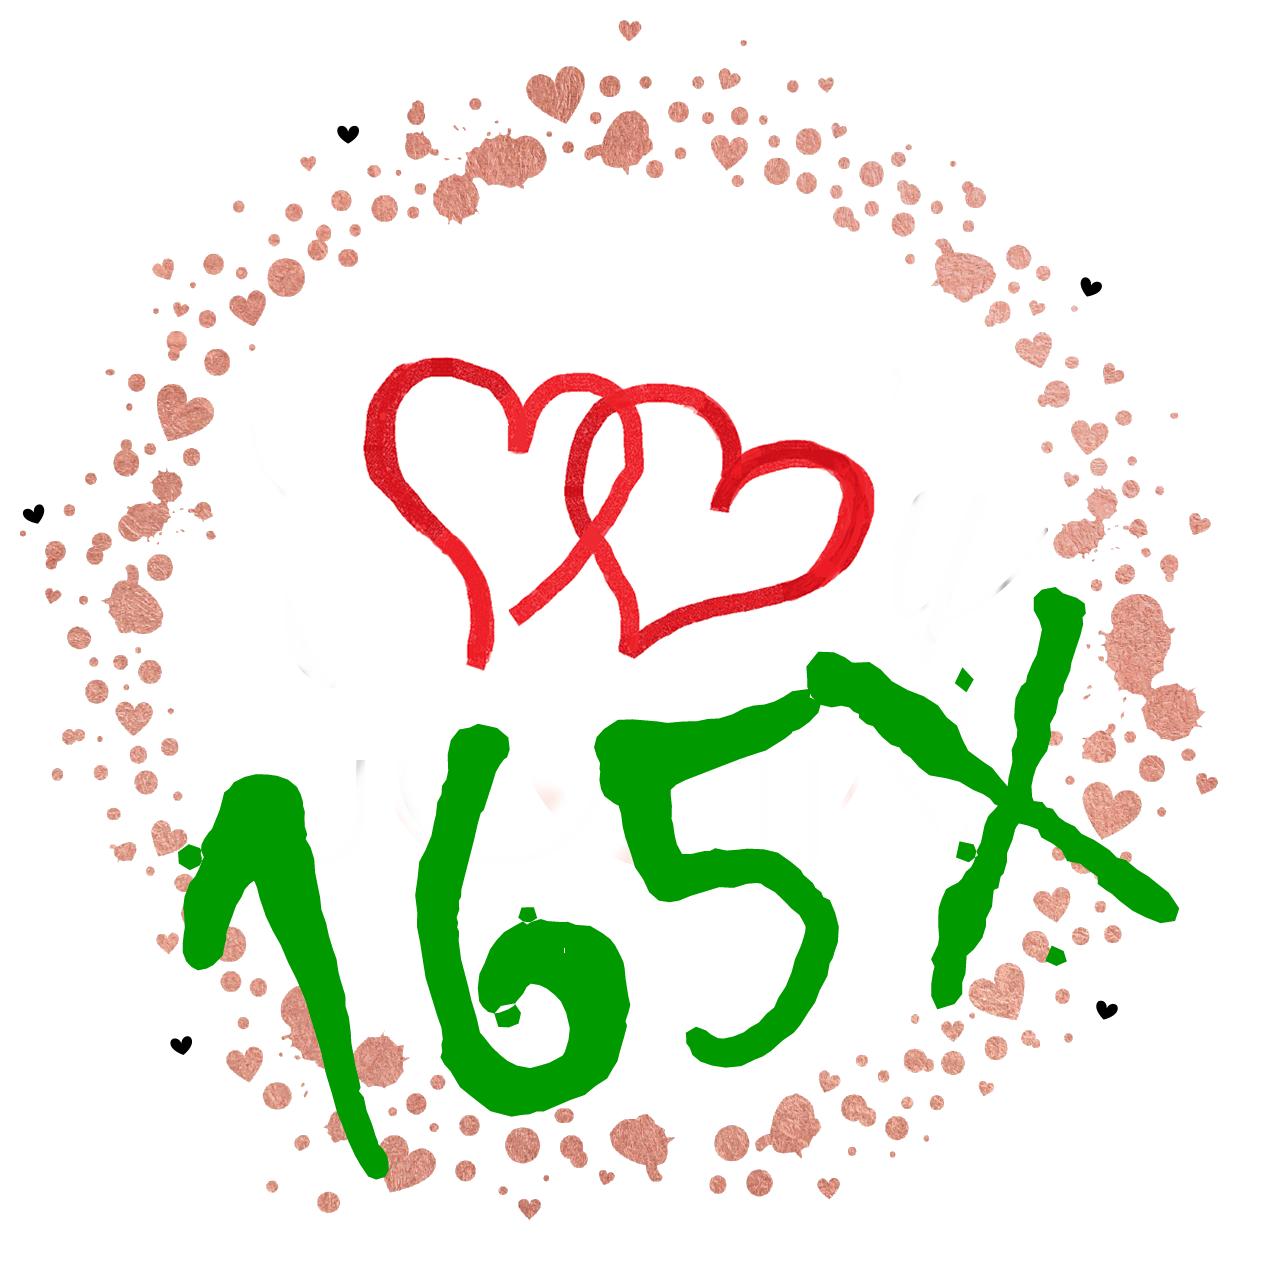 165 x Ja